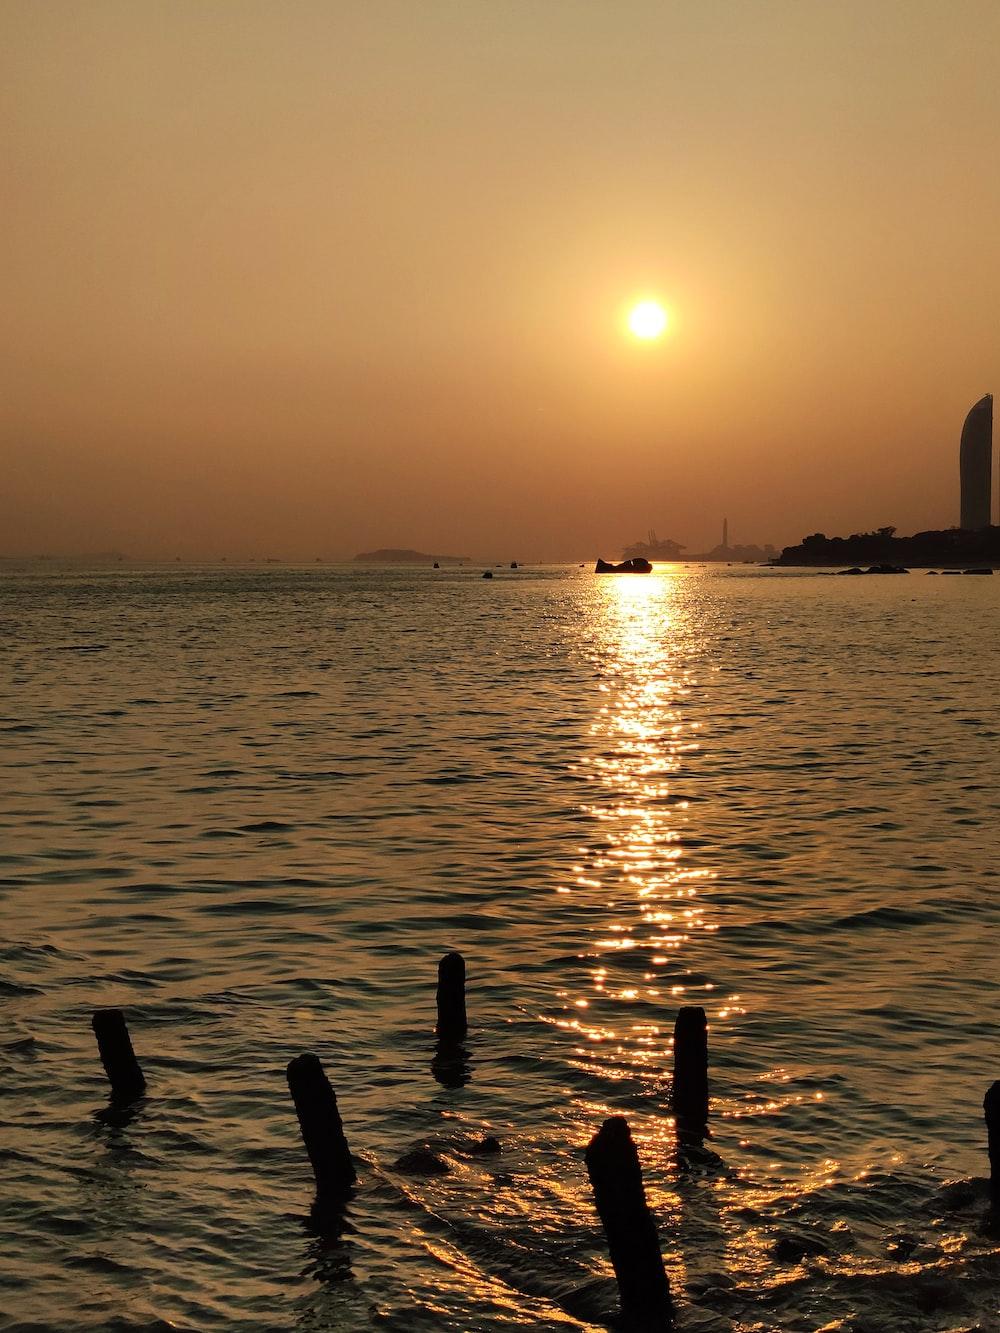 boats at sea at sunset